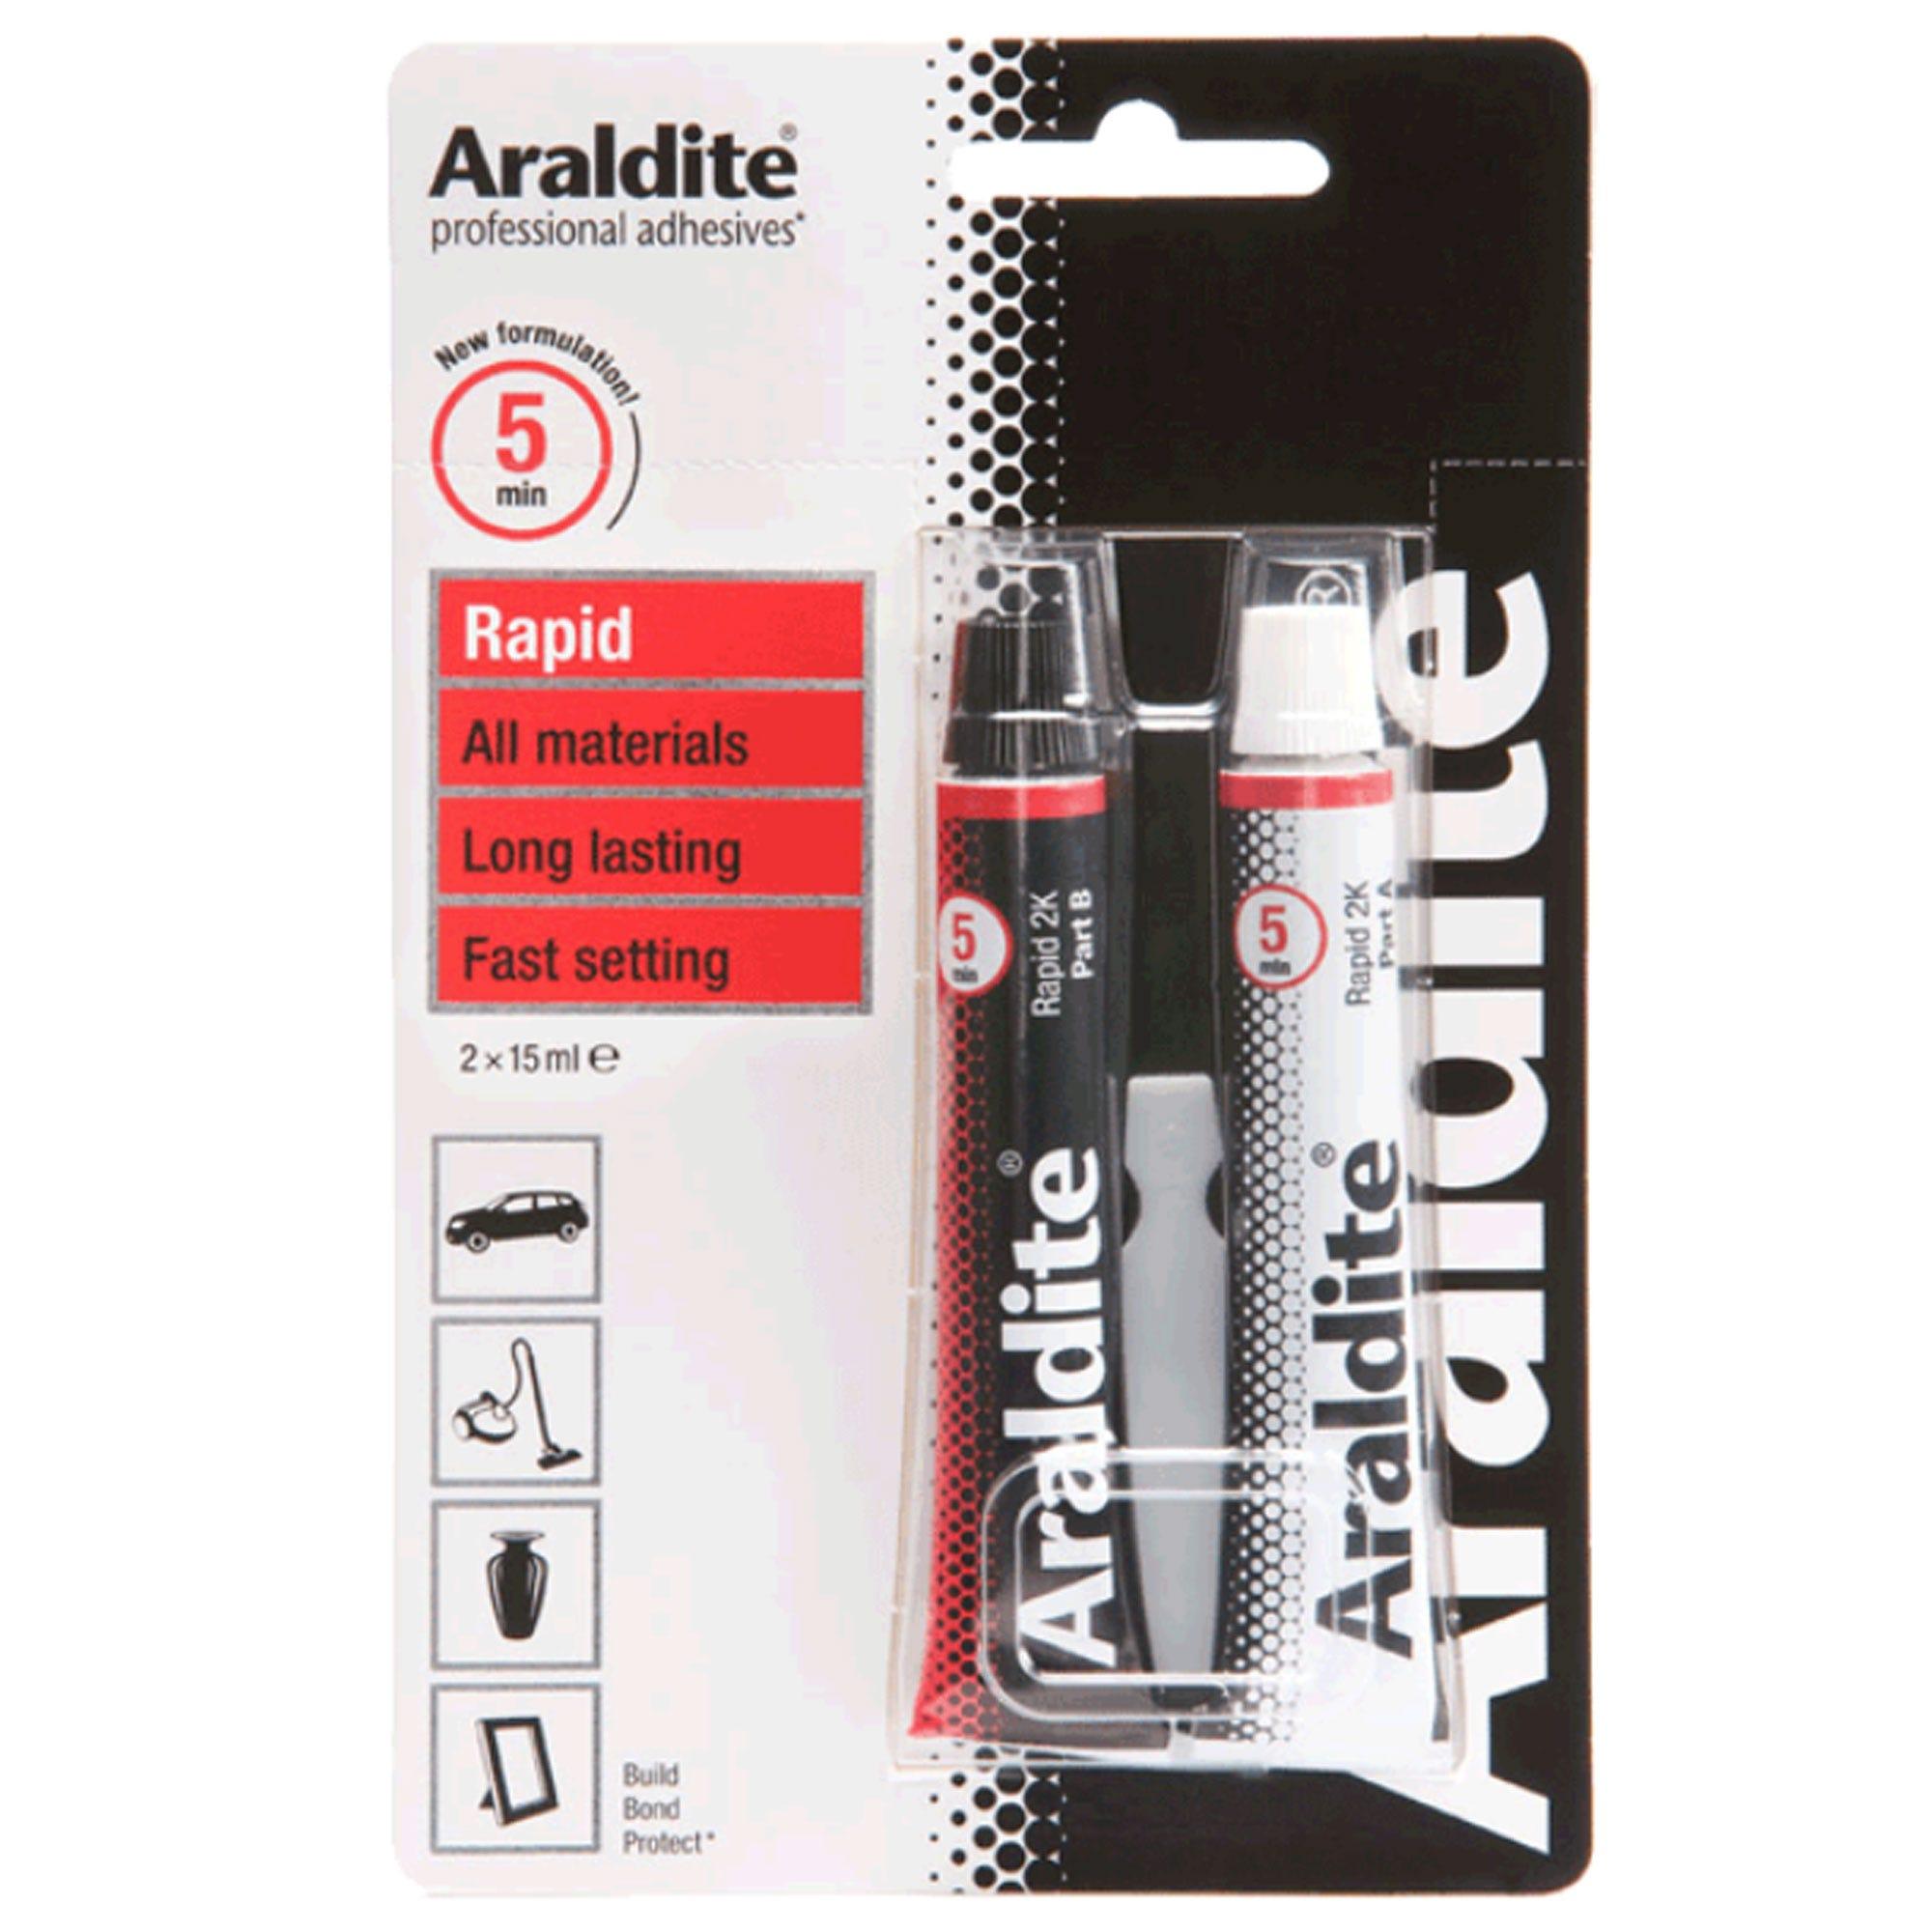 Compare prices for PMS International Araldite Rapid Quick Setting Epoxy Glue - 15ml